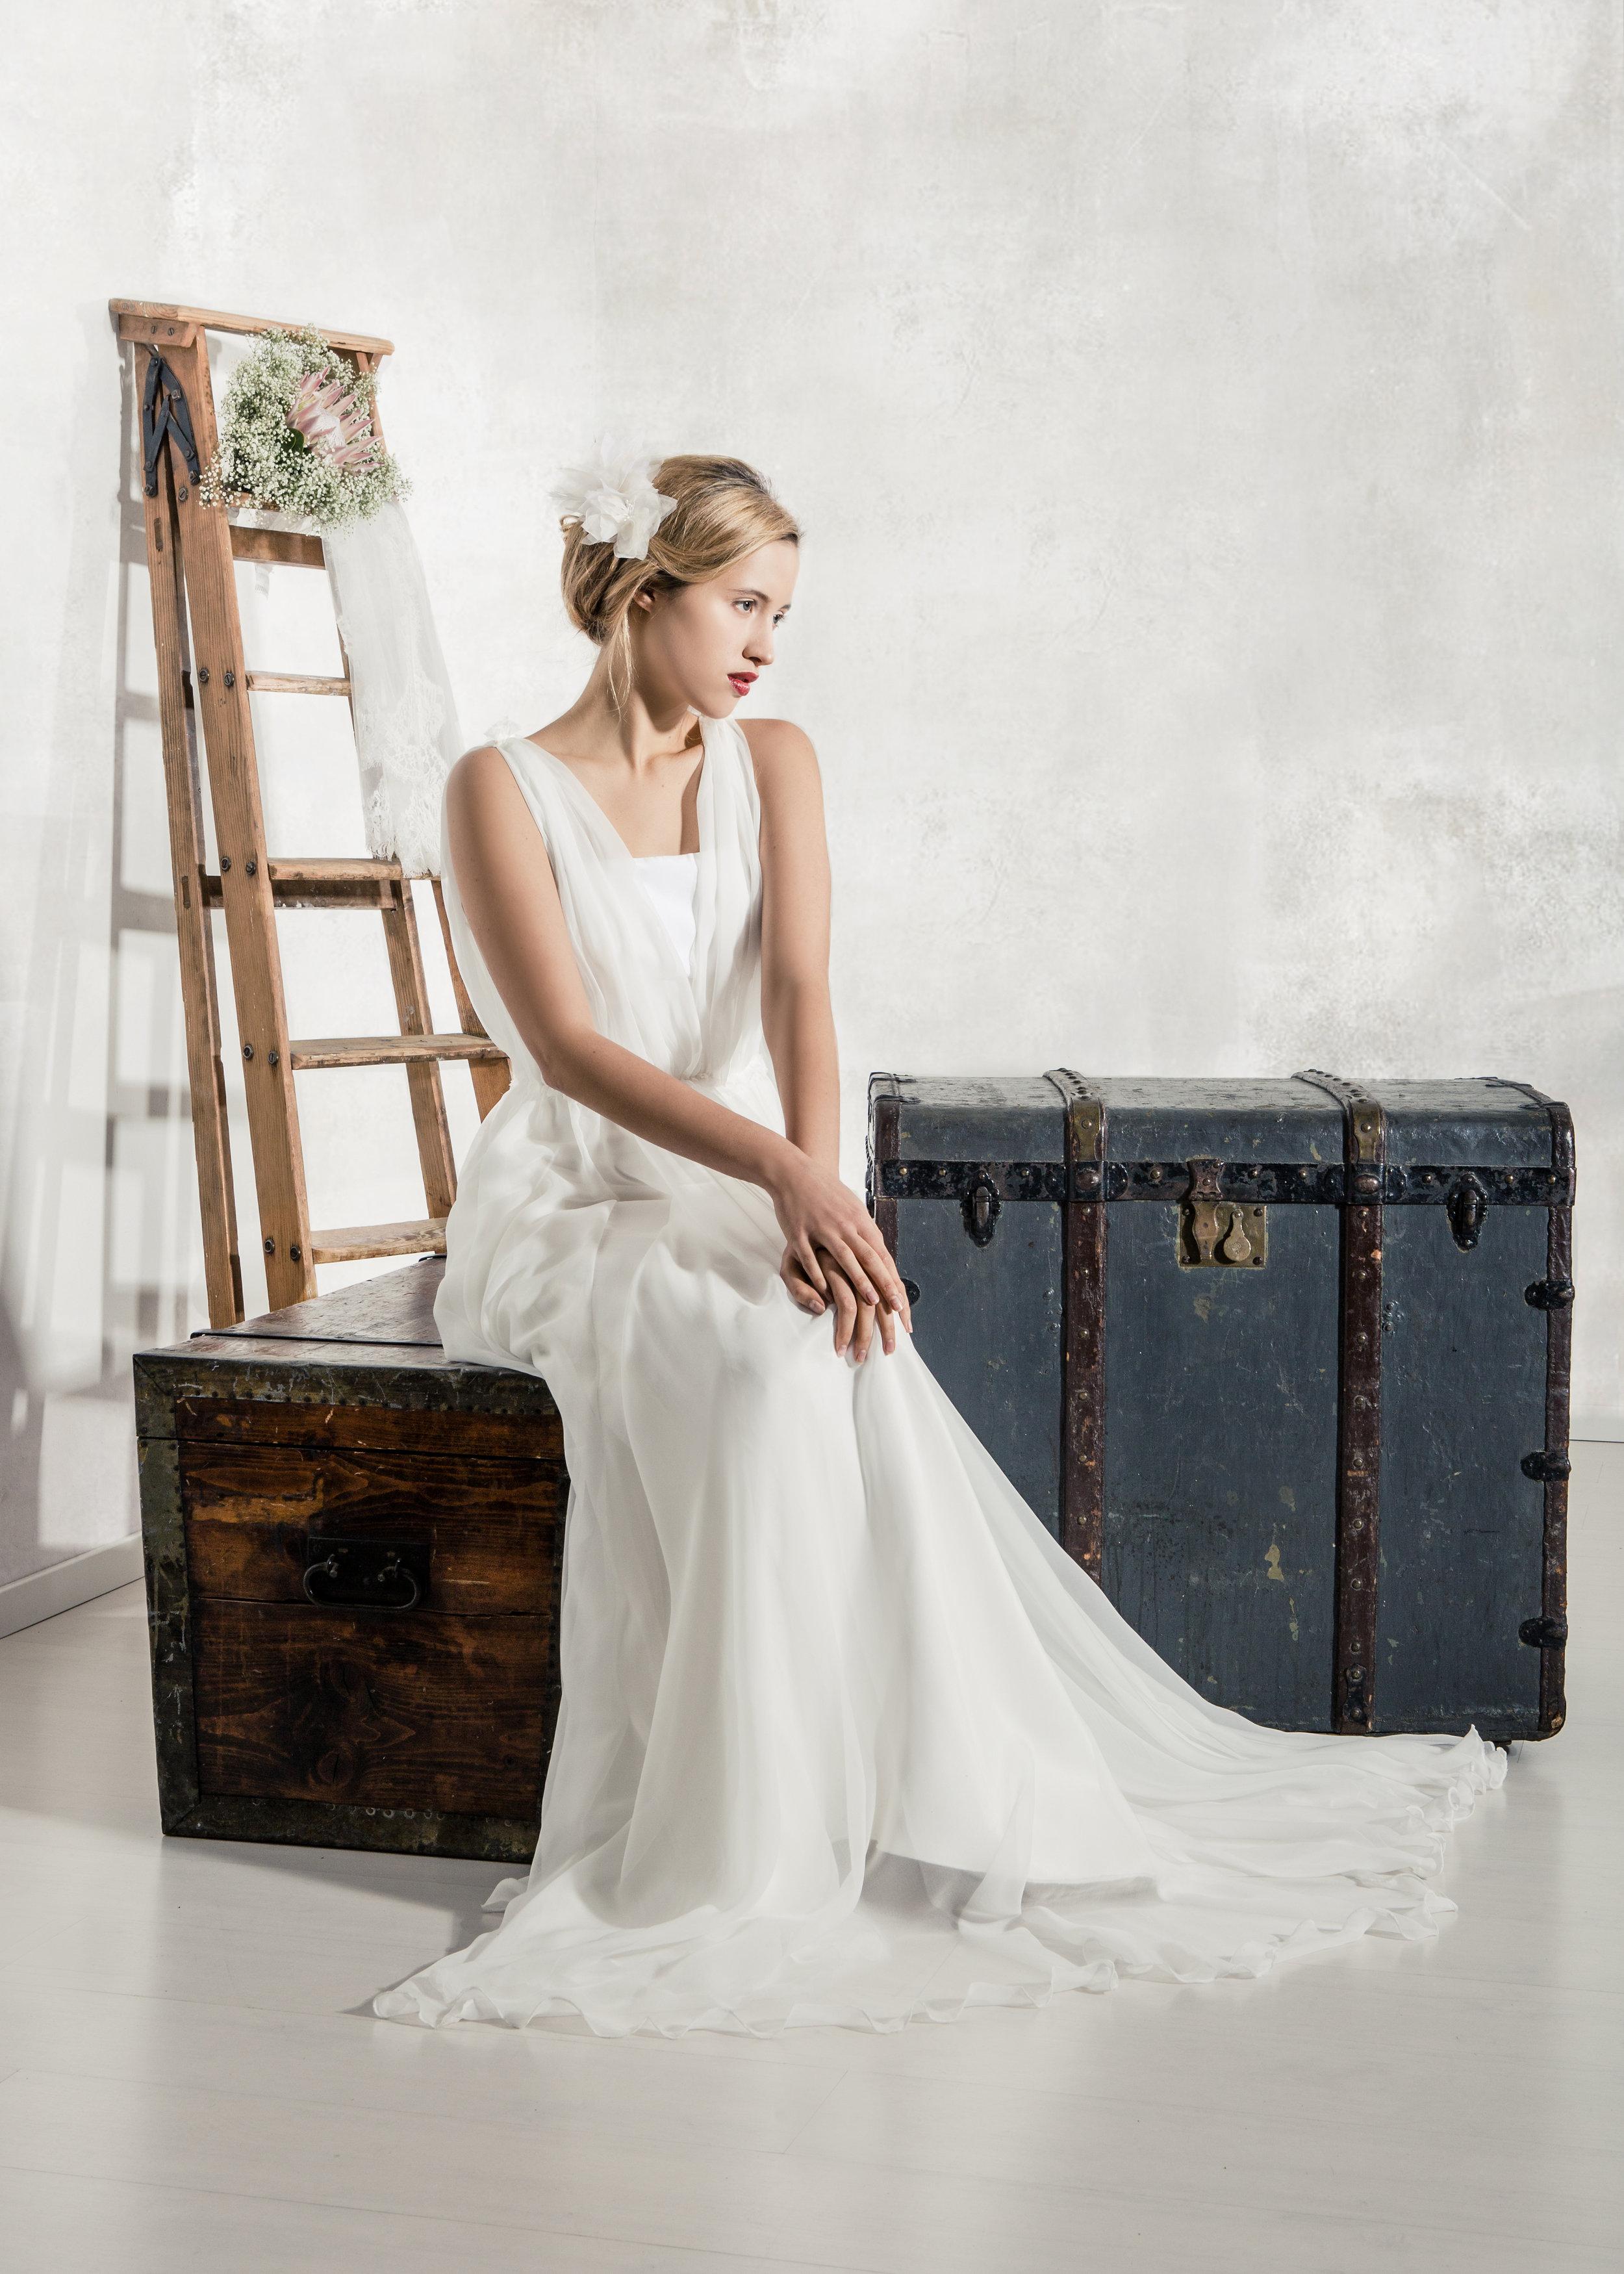 Niedlich Strand Inspirierte Kleider Hochzeit Galerie - Brautkleider ...